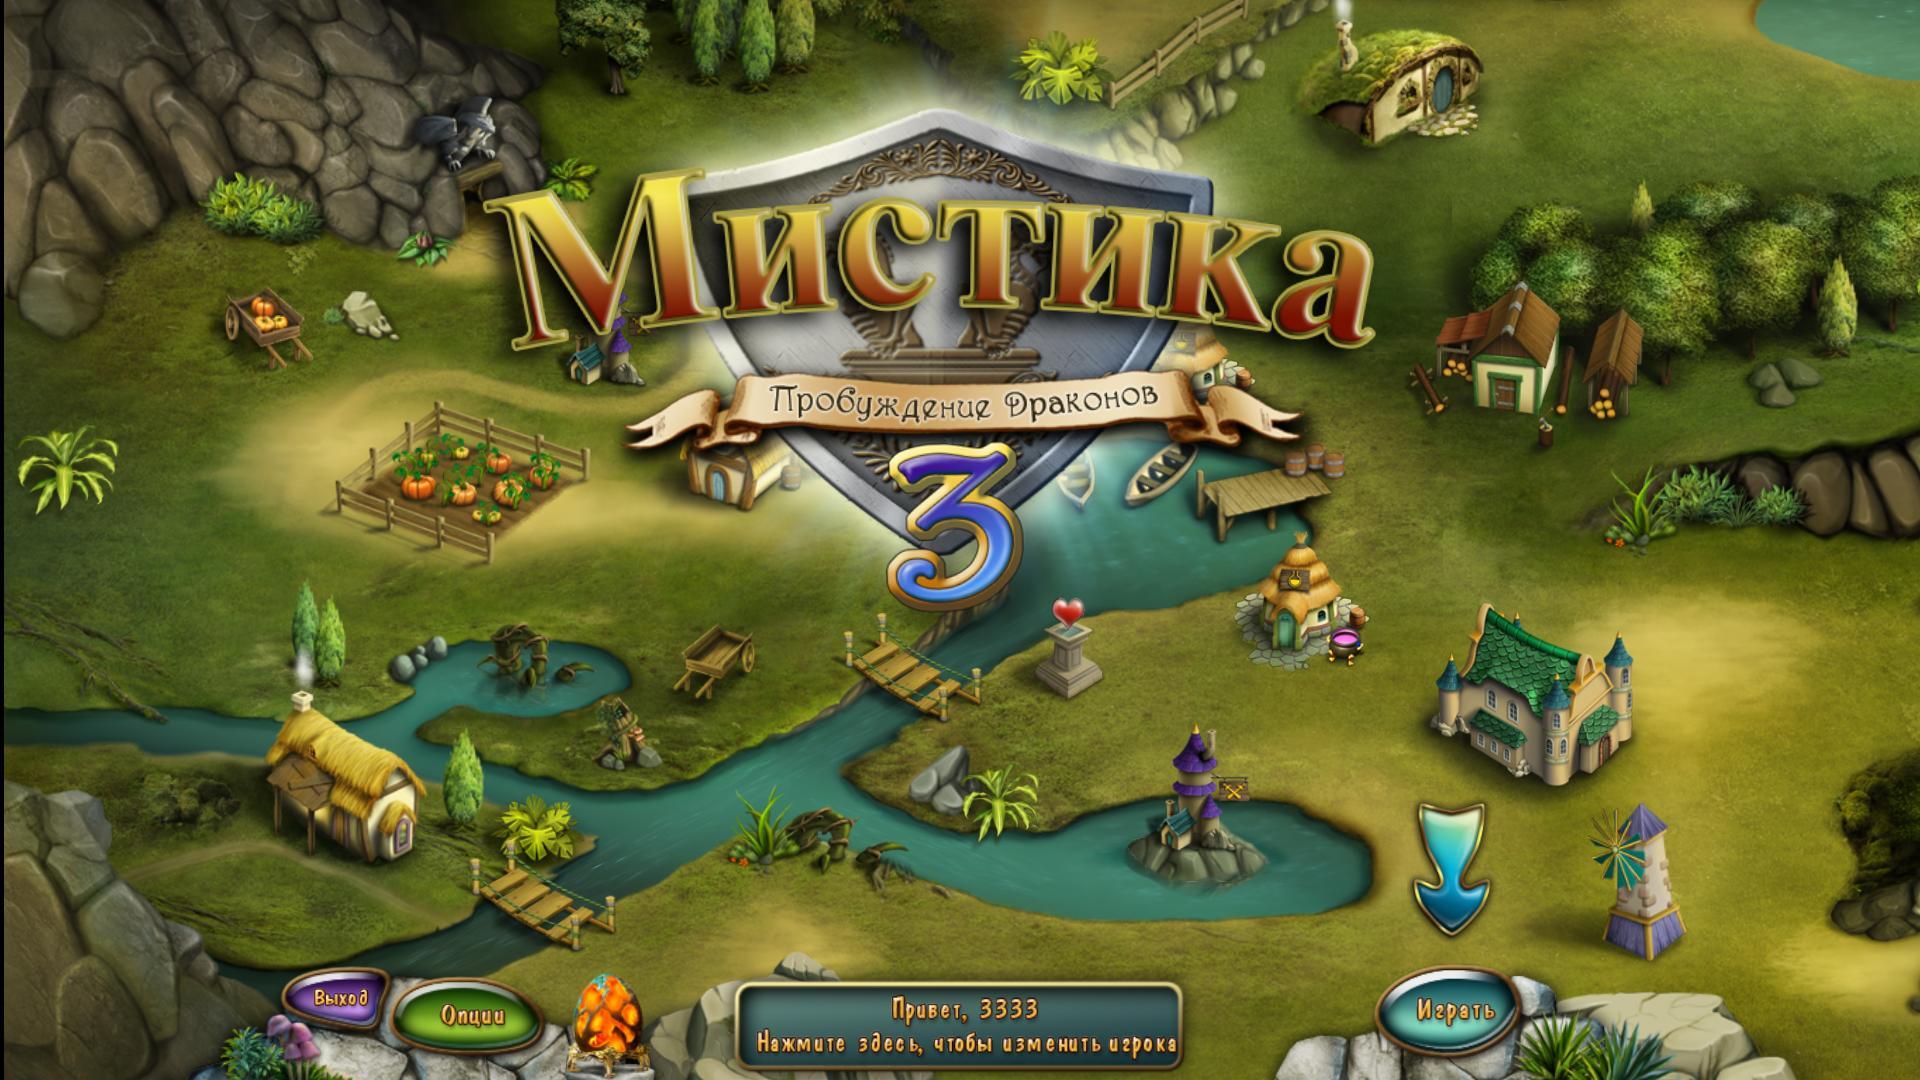 Мистика 3: Пробуждение Драконов | Mystika 3: Awakening of the Dragons (Rus)